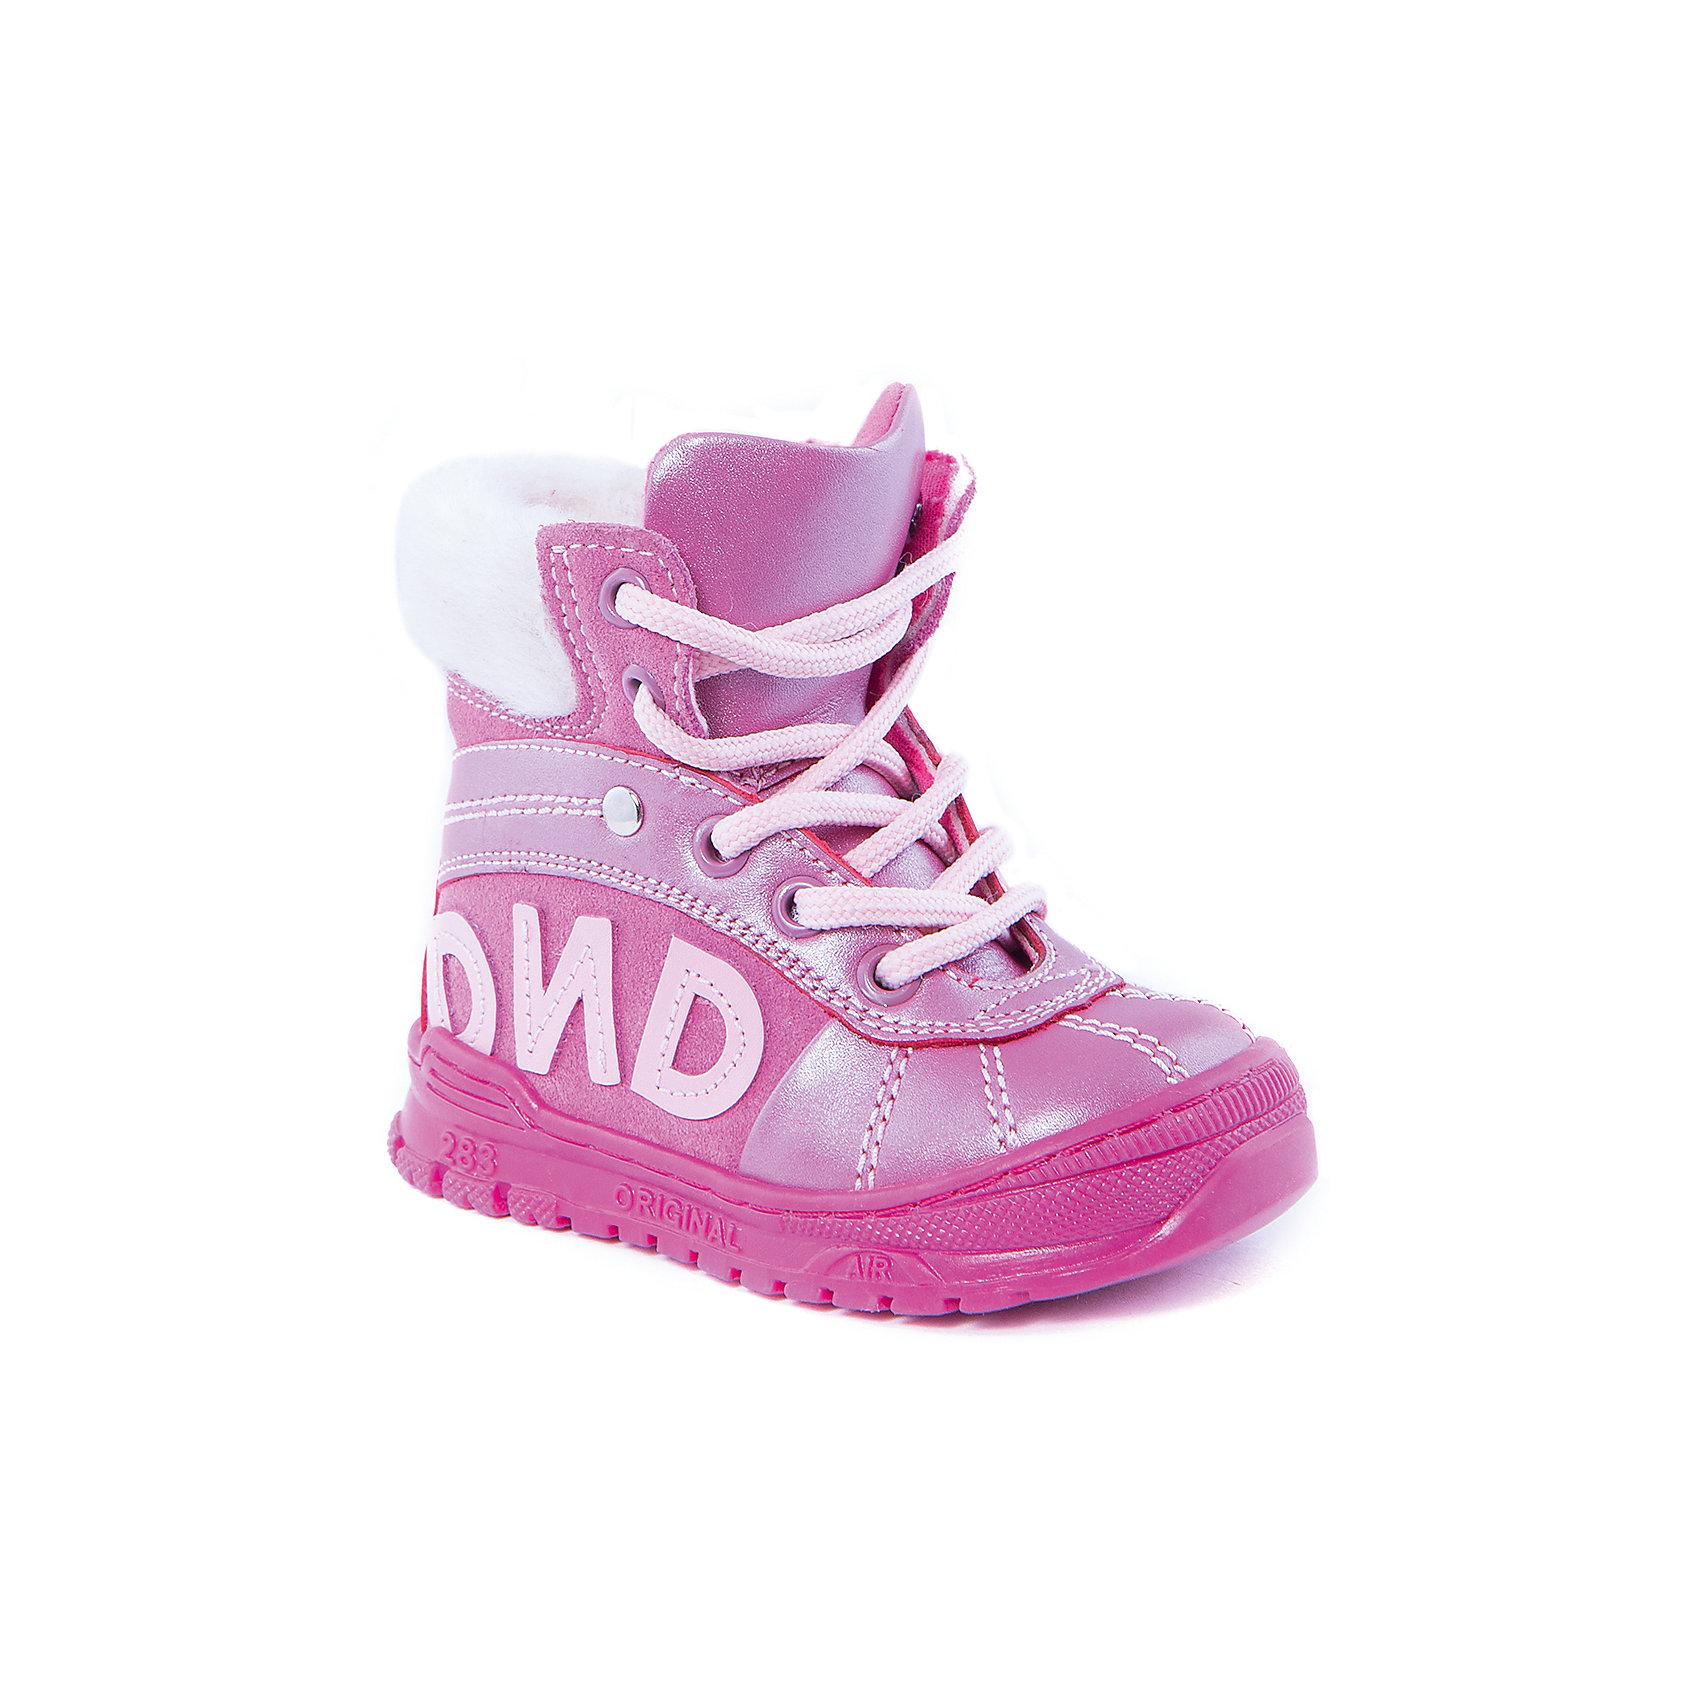 Полусапожки  для девочки DandinoПолусапожки  для девочки от известного российского бренда  Dandino<br><br>Стильные и удобные полусапожки помогут детской стопе формироваться правильно. Компания Dandino использует при производстве своей ортопедической обуви подтвержденные технологии и качественные материалы. <br>Натуральная телячья кожа, которая применяется для изготовления ботинок и сапожек позволяет обеспечить комфорт и предотвратить натирание. Изделия легко надеваются и комфортно садятся по ноге.<br><br>Особенности модели: <br><br>- цвет - розовый;<br>- белая опушка;<br>- текстильная подкладка;<br>- верх – натуральная кожа;<br>- контрастная прошивка;<br>- комфортная колодка;<br>- жесткий задник;<br>- защита пальцев;<br>- амортизирующая устойчивая подошва;<br>- застежка - молния и шнуровка.<br><br>Дополнительная информация:<br><br>Температурный режим: <br><br>от -10° С до +10° С<br><br>Состав:<br><br>верх – натуральная кожа;<br>подкладка - текстиль;<br>подошва - ТЭП.<br><br>Полусапожки для девочки от бренда Dandino (Дандино) можно купить в нашем магазине.<br><br>Ширина мм: 257<br>Глубина мм: 180<br>Высота мм: 130<br>Вес г: 420<br>Цвет: розовый<br>Возраст от месяцев: 9<br>Возраст до месяцев: 12<br>Пол: Женский<br>Возраст: Детский<br>Размер: 20,21,22,23,24<br>SKU: 4339286